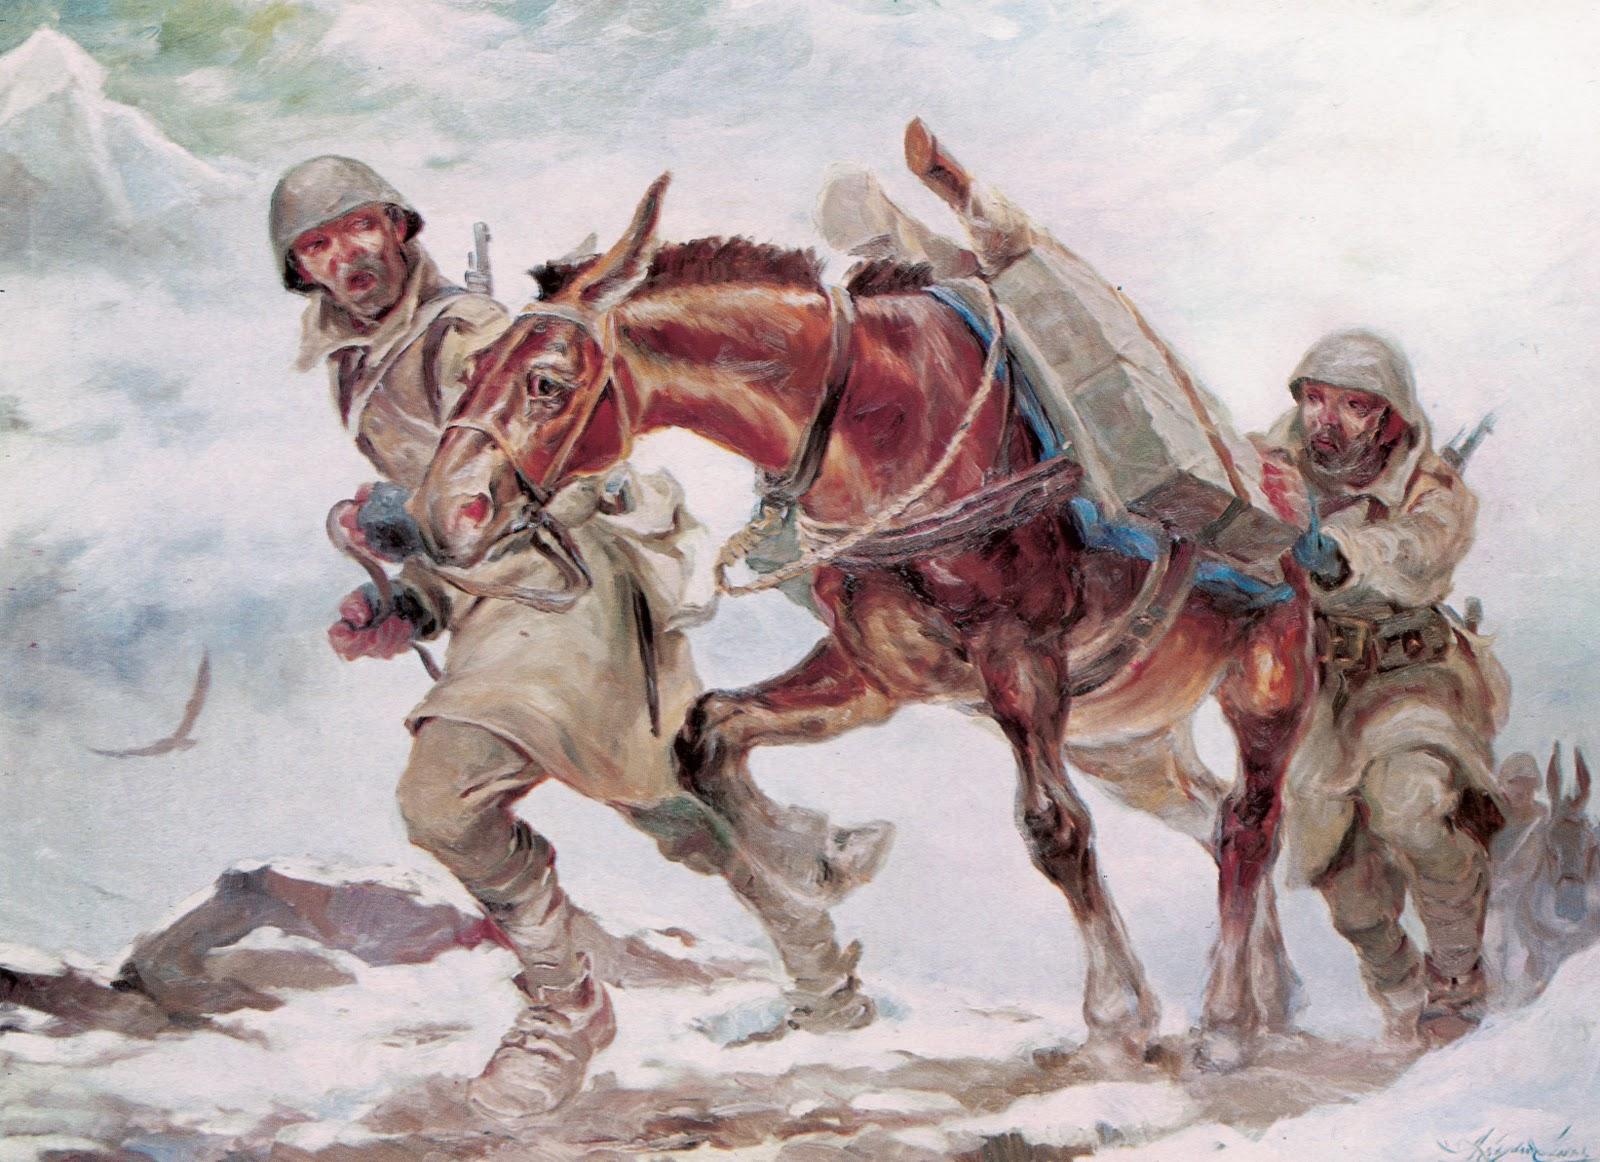 Πίνακας Αλεξανδράκη 1940: Οι ήρωες μας διηγούνται ..